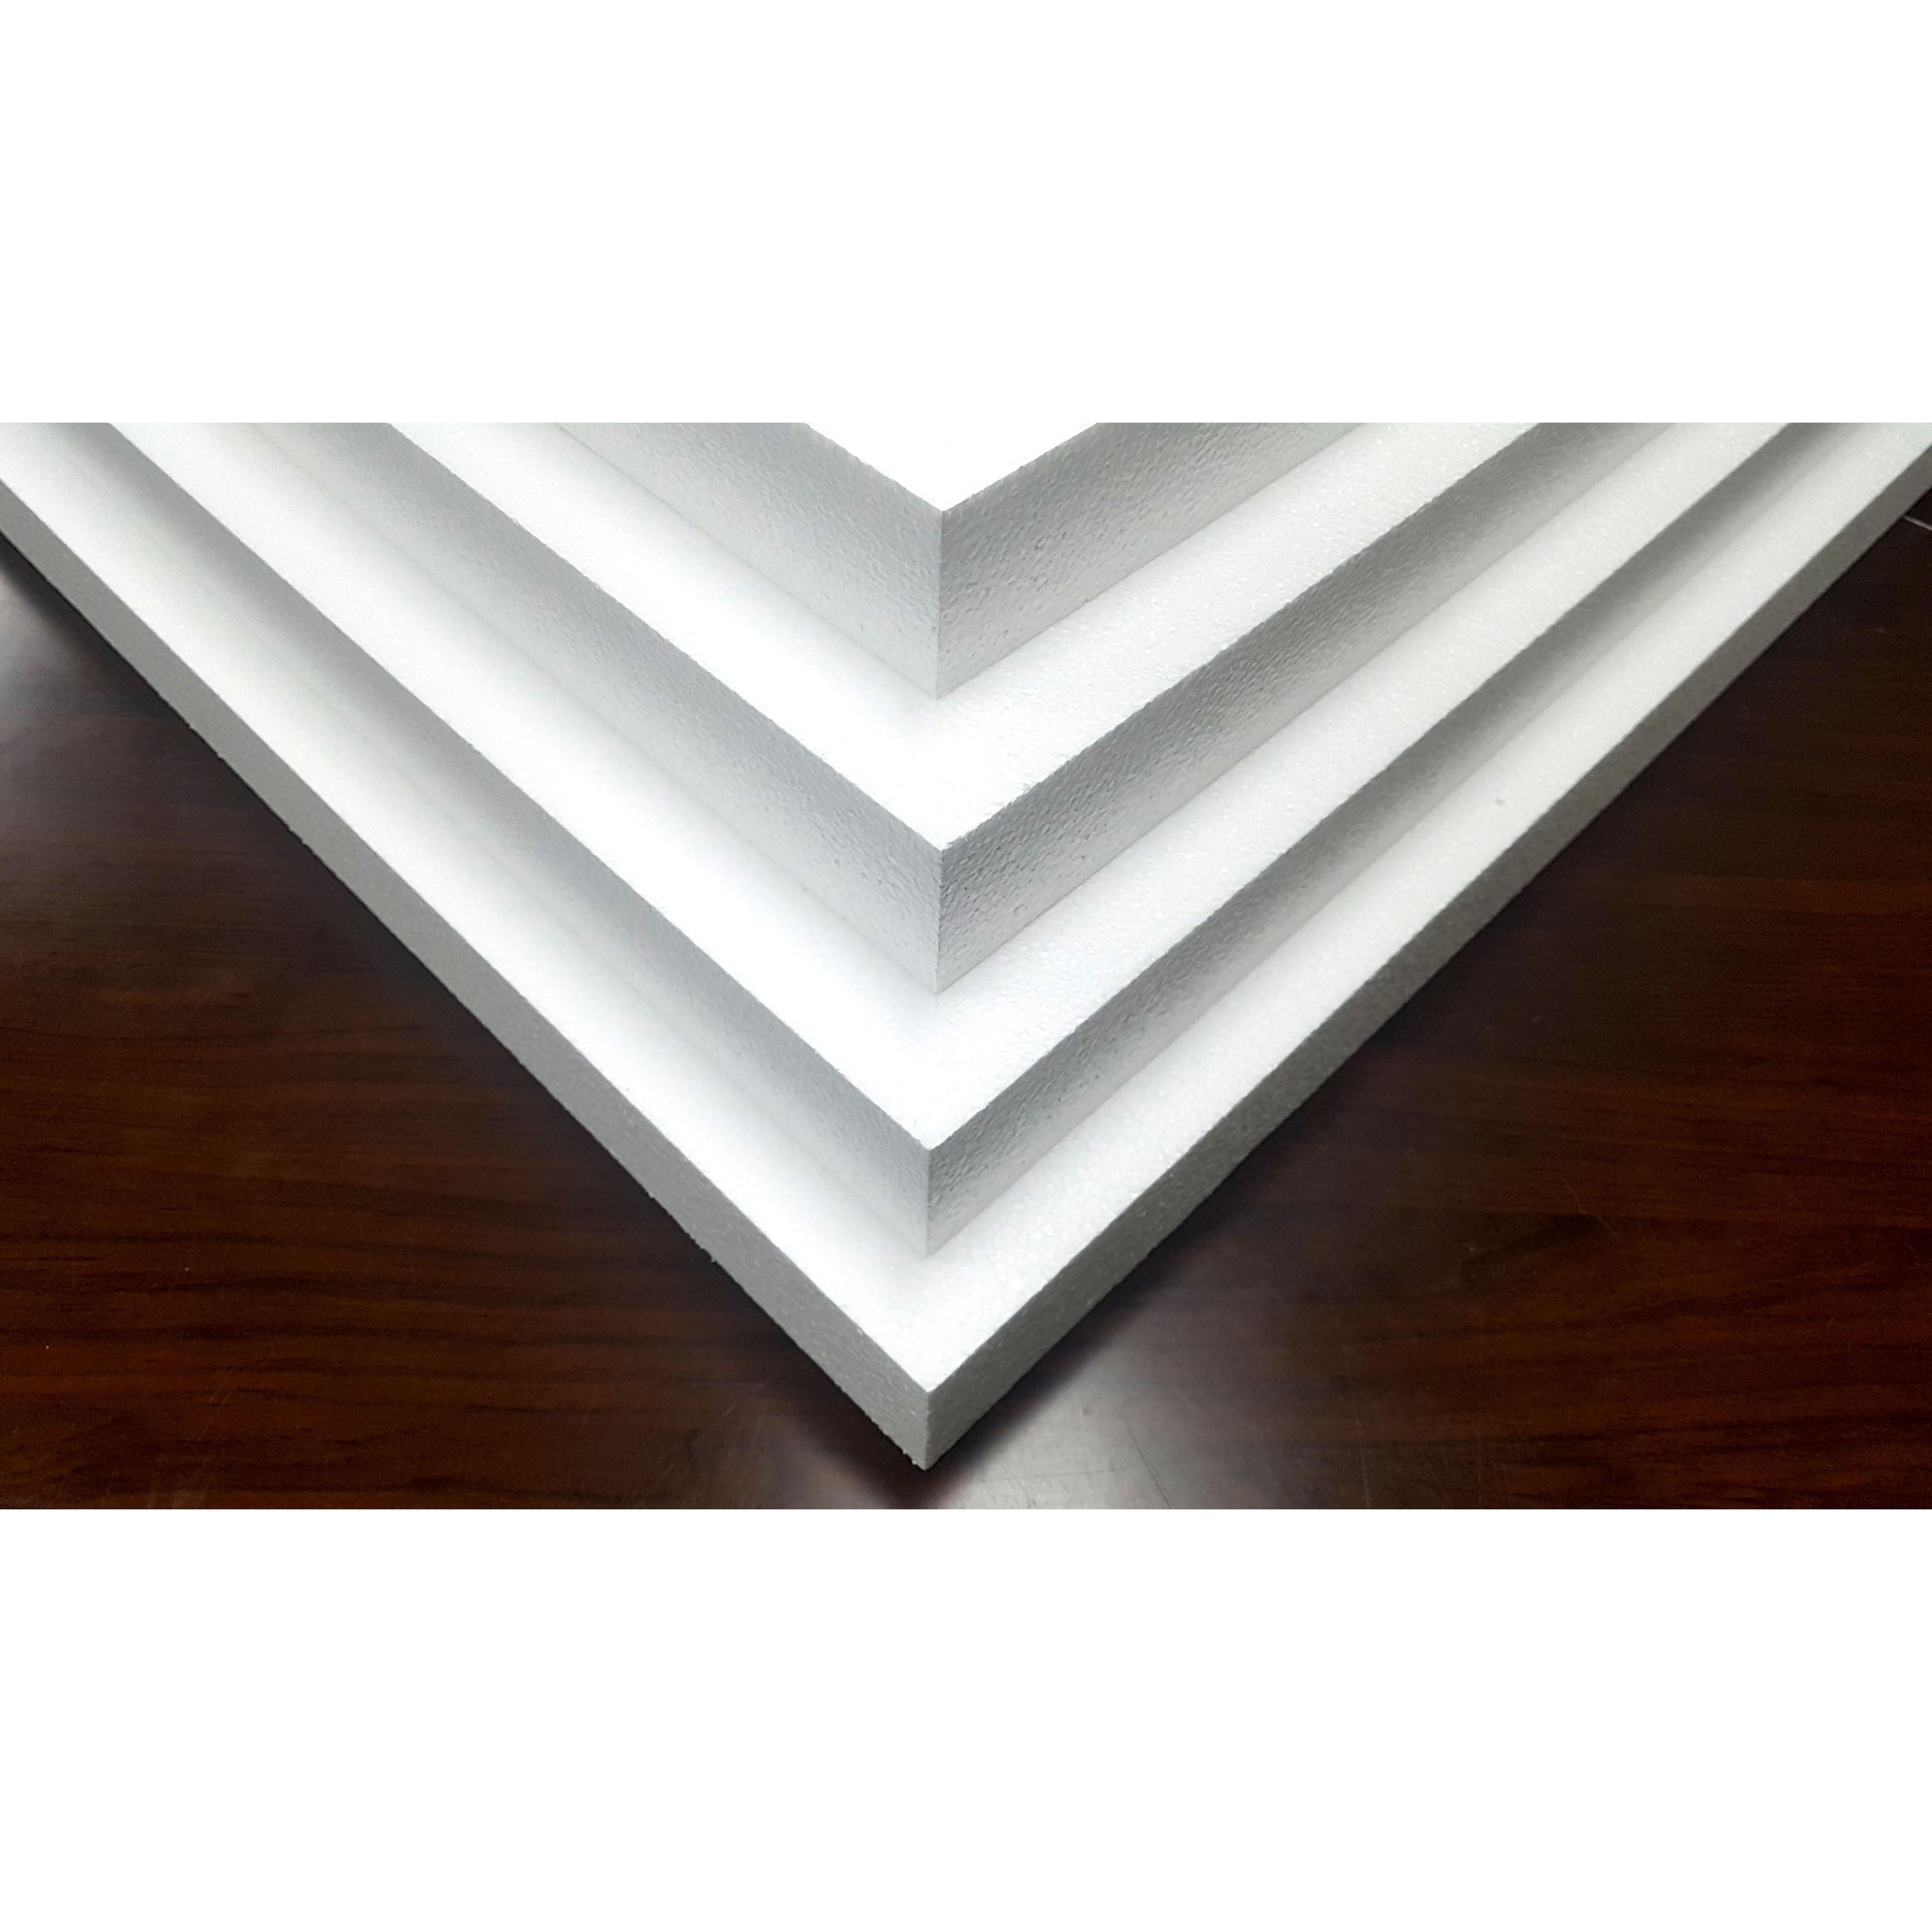 압축스티로폼 3호 900x1800x50mm 맞춤제작가능 건축용 단열용 미술용, 3호) 900x1800x50mm